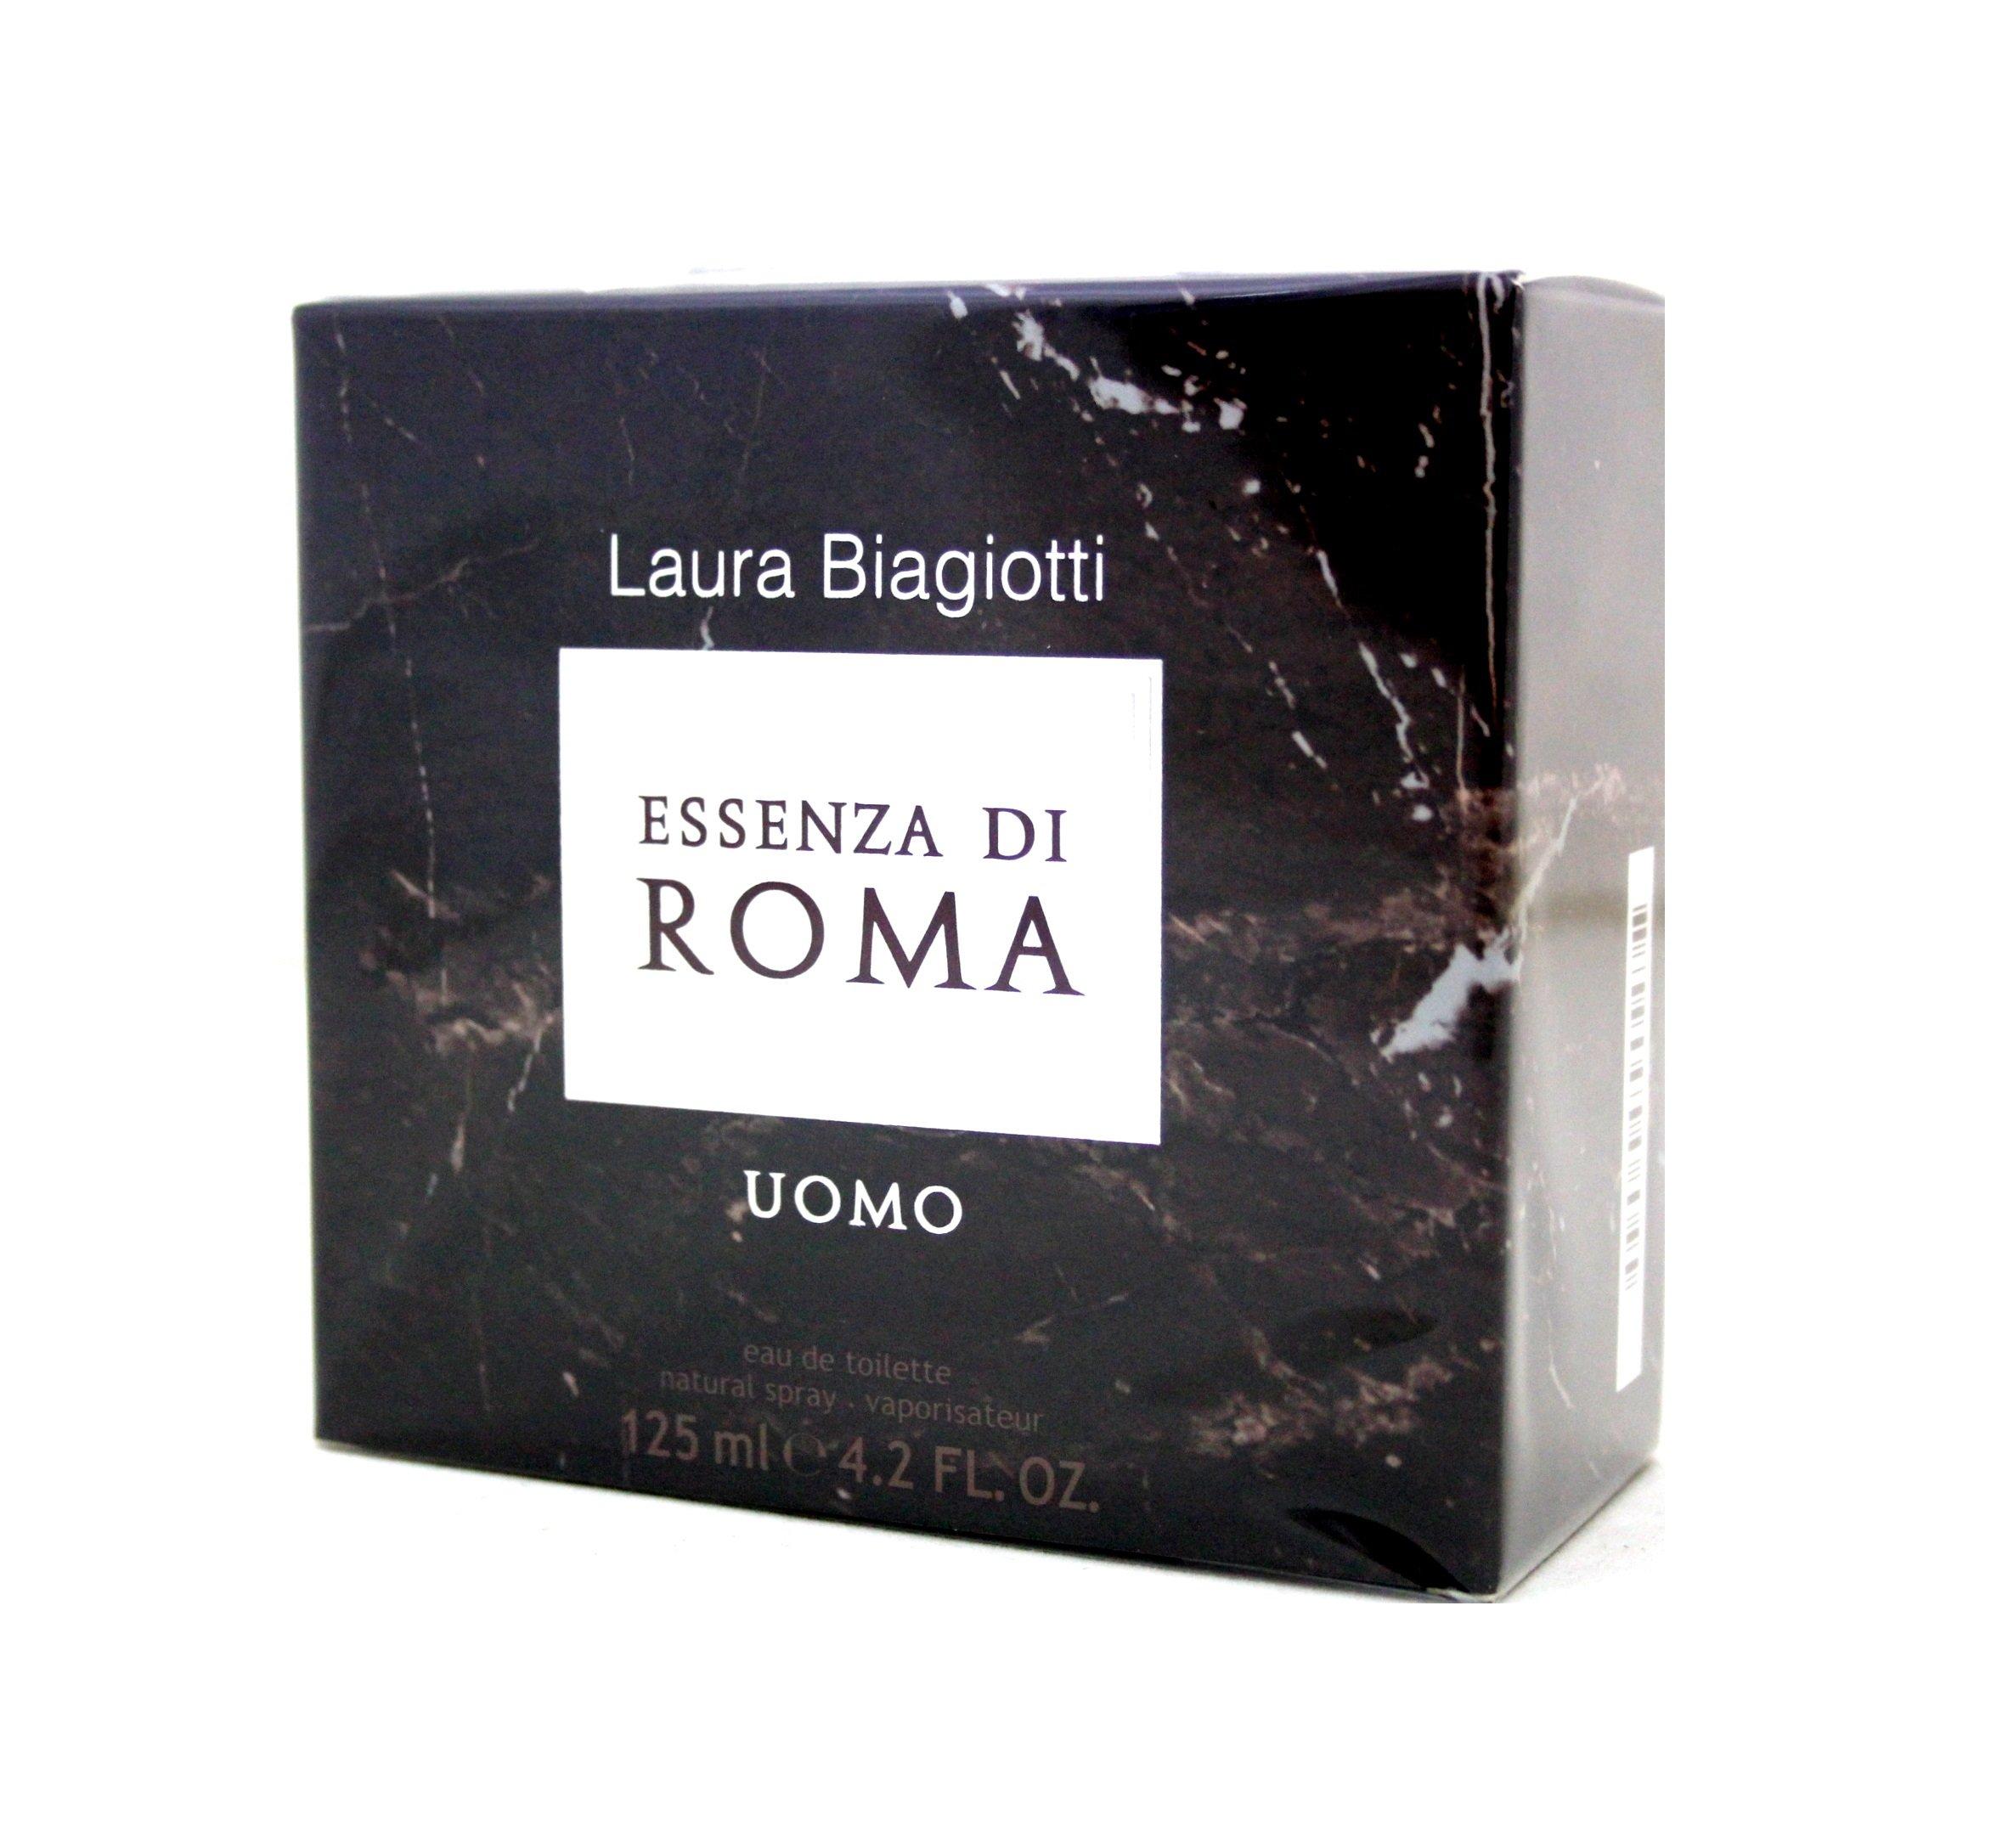 Laura Biagiotti Essenza di Roma Uomo Eau De Toilette